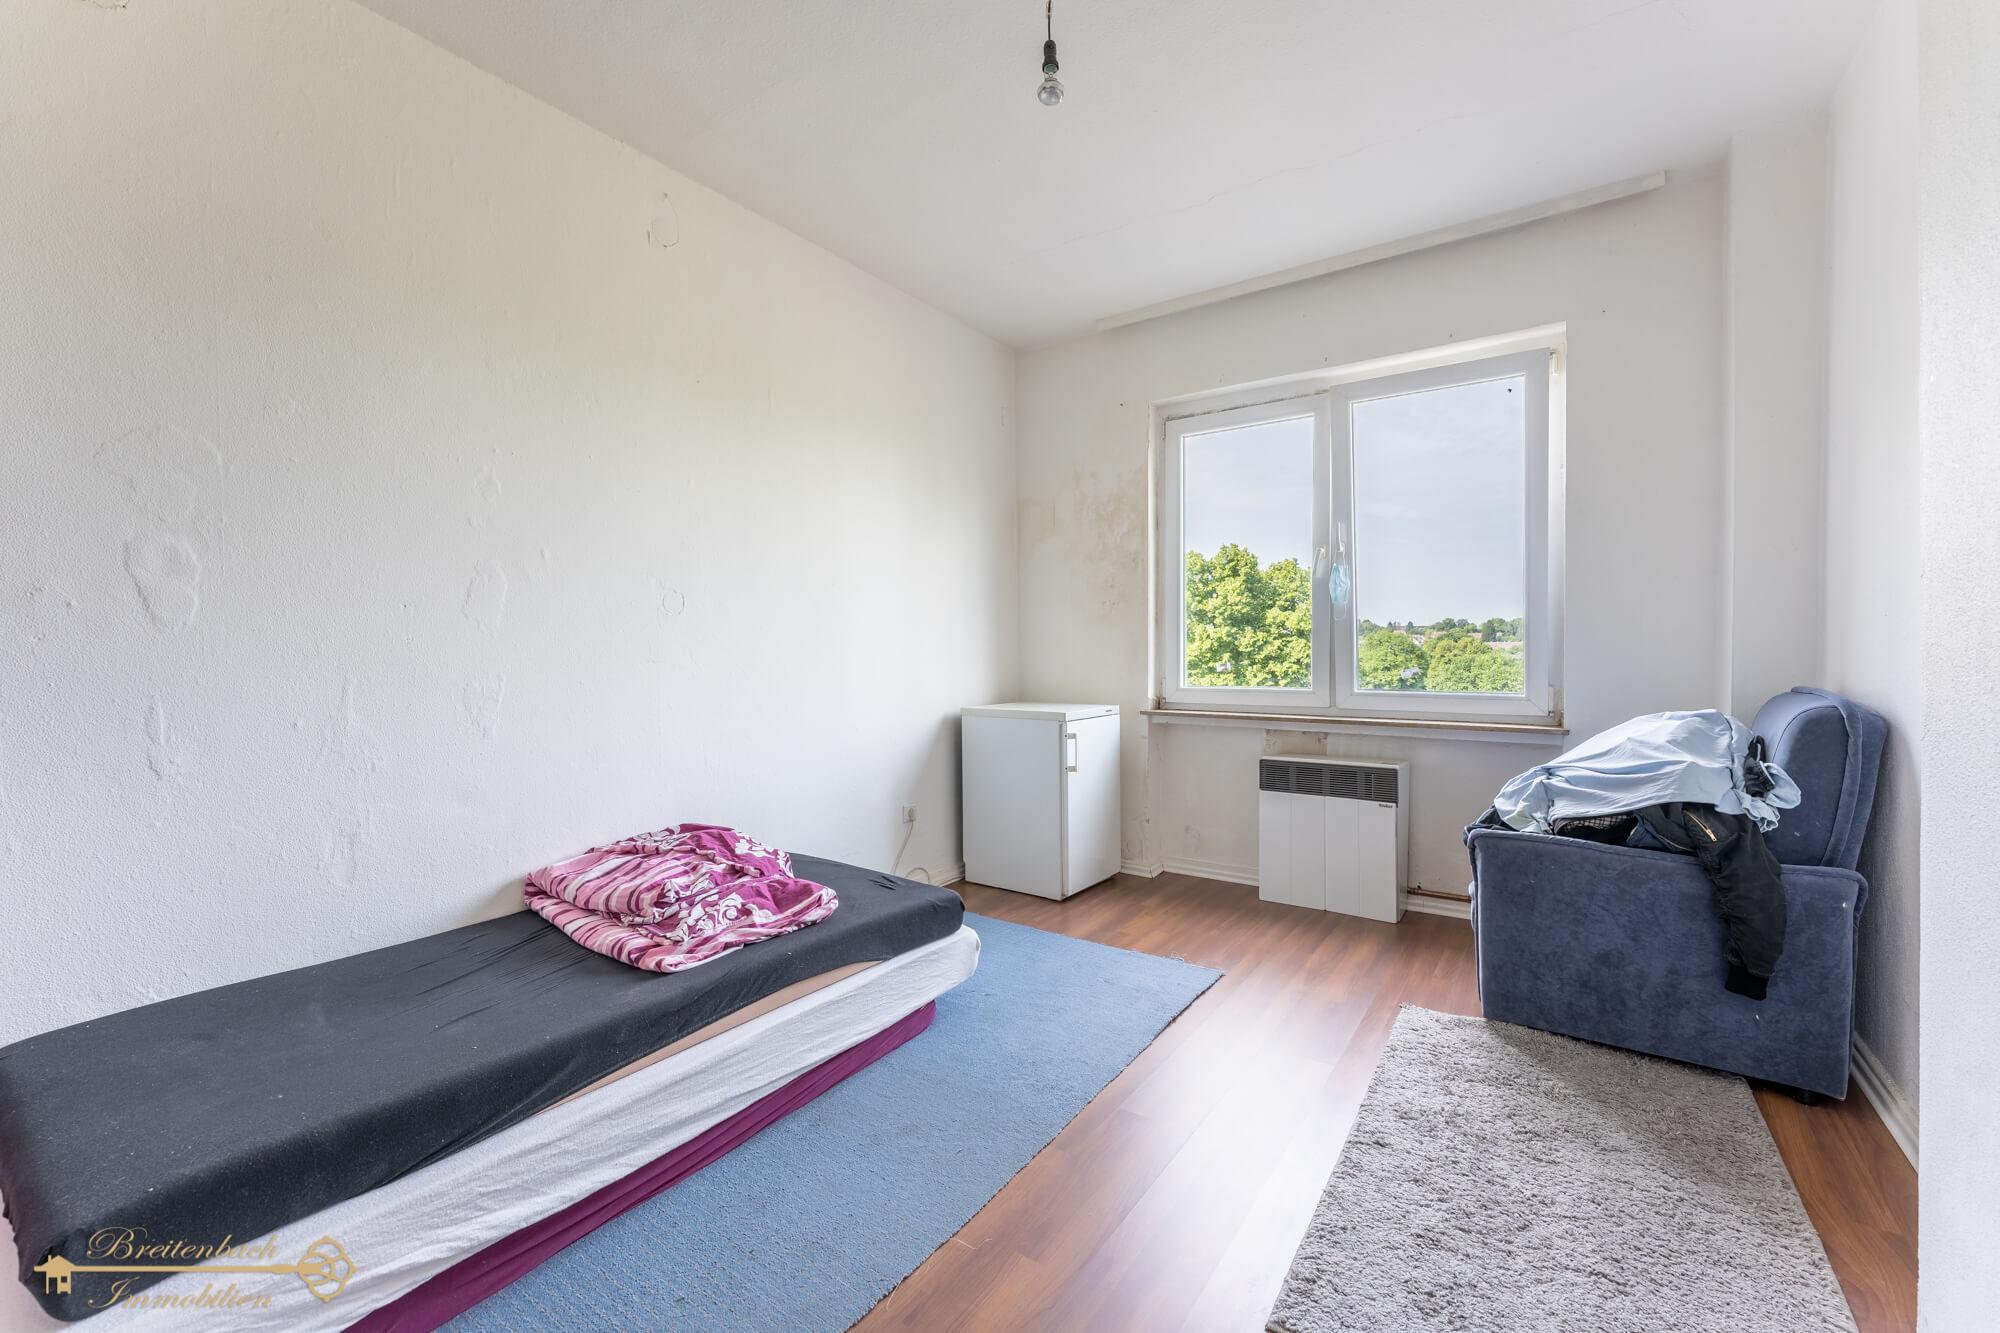 2021-06-15-Breitenbach-Immobilien-Makler-Bremen-14